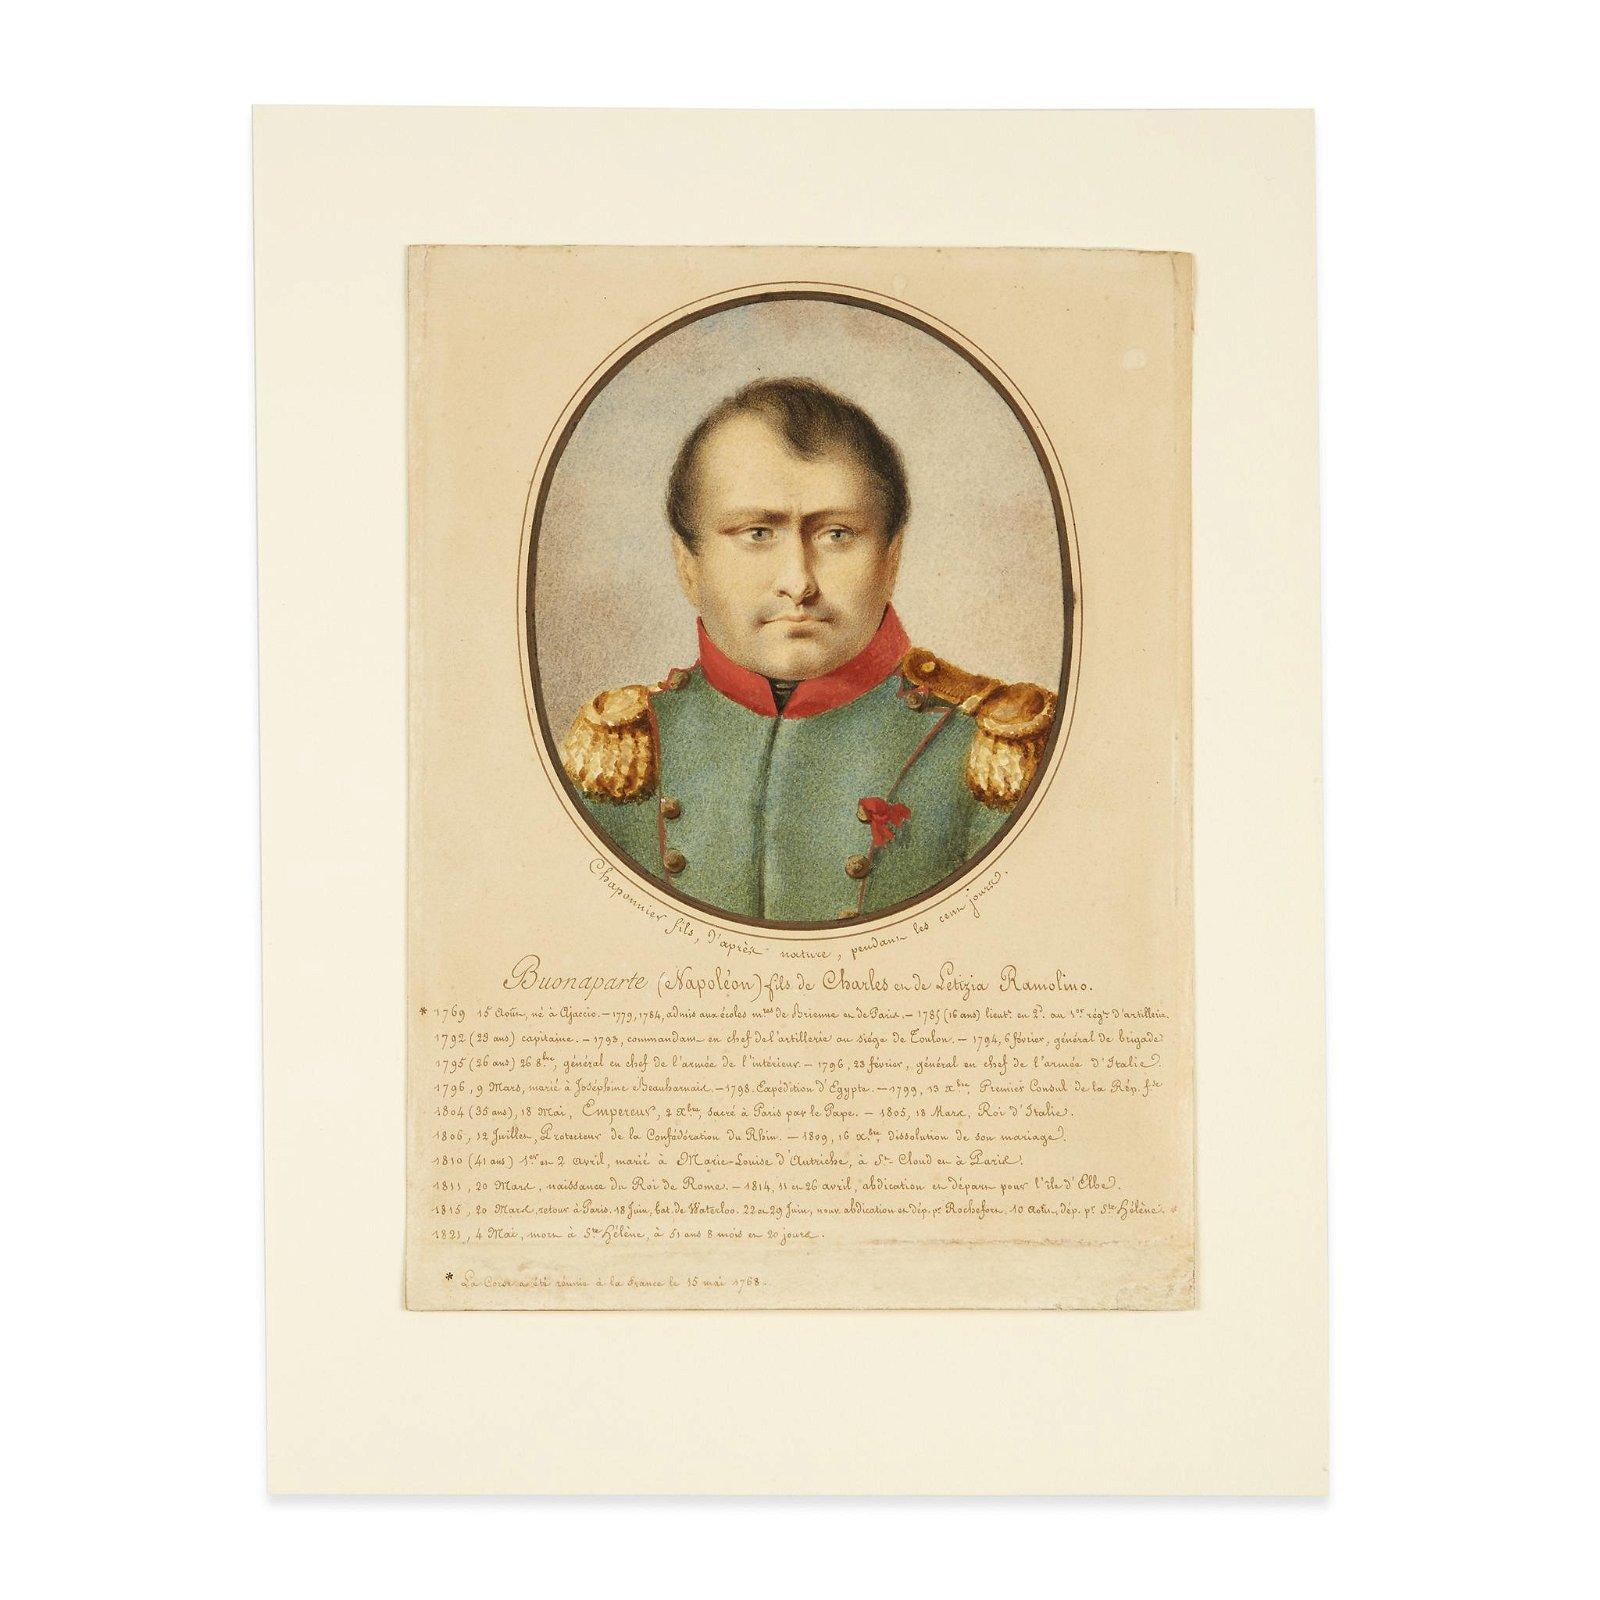 [Napoleonica], Chaponnier (Continental 18th-19th